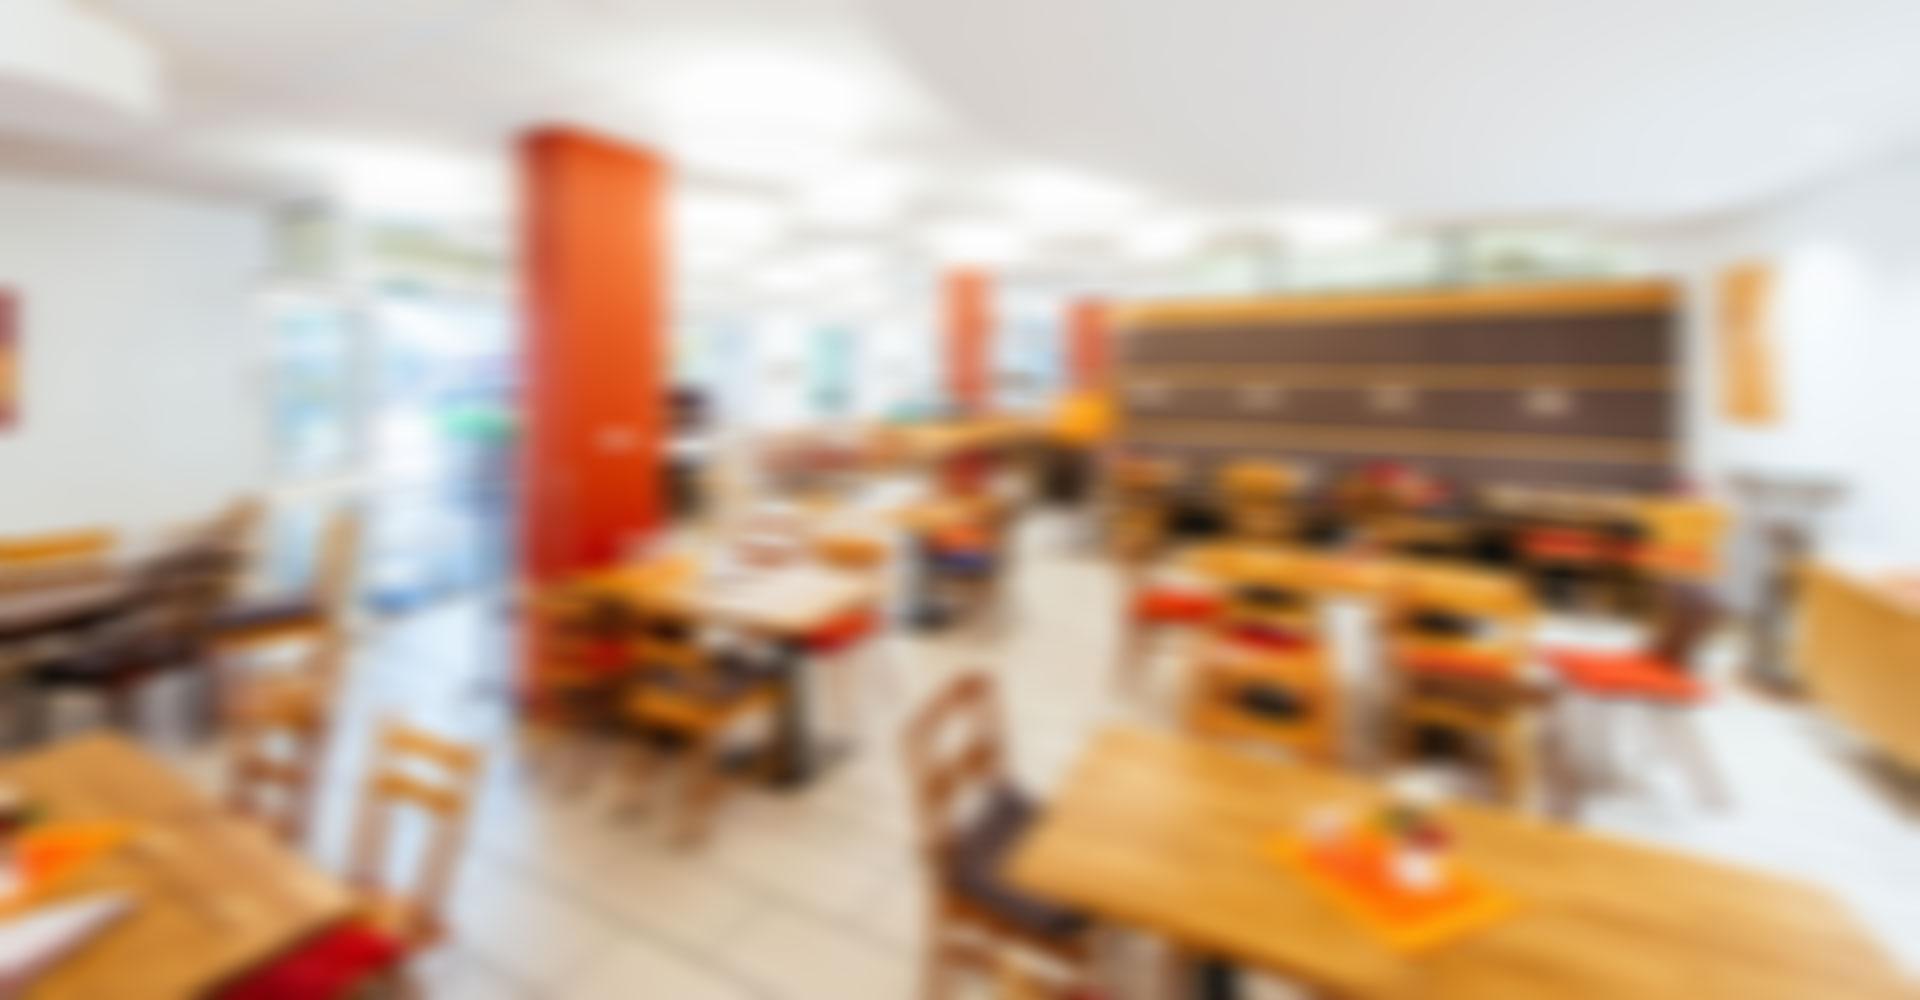 Cafe Mitnander Eichstetten  Ef Bf Bdffnungszeiten